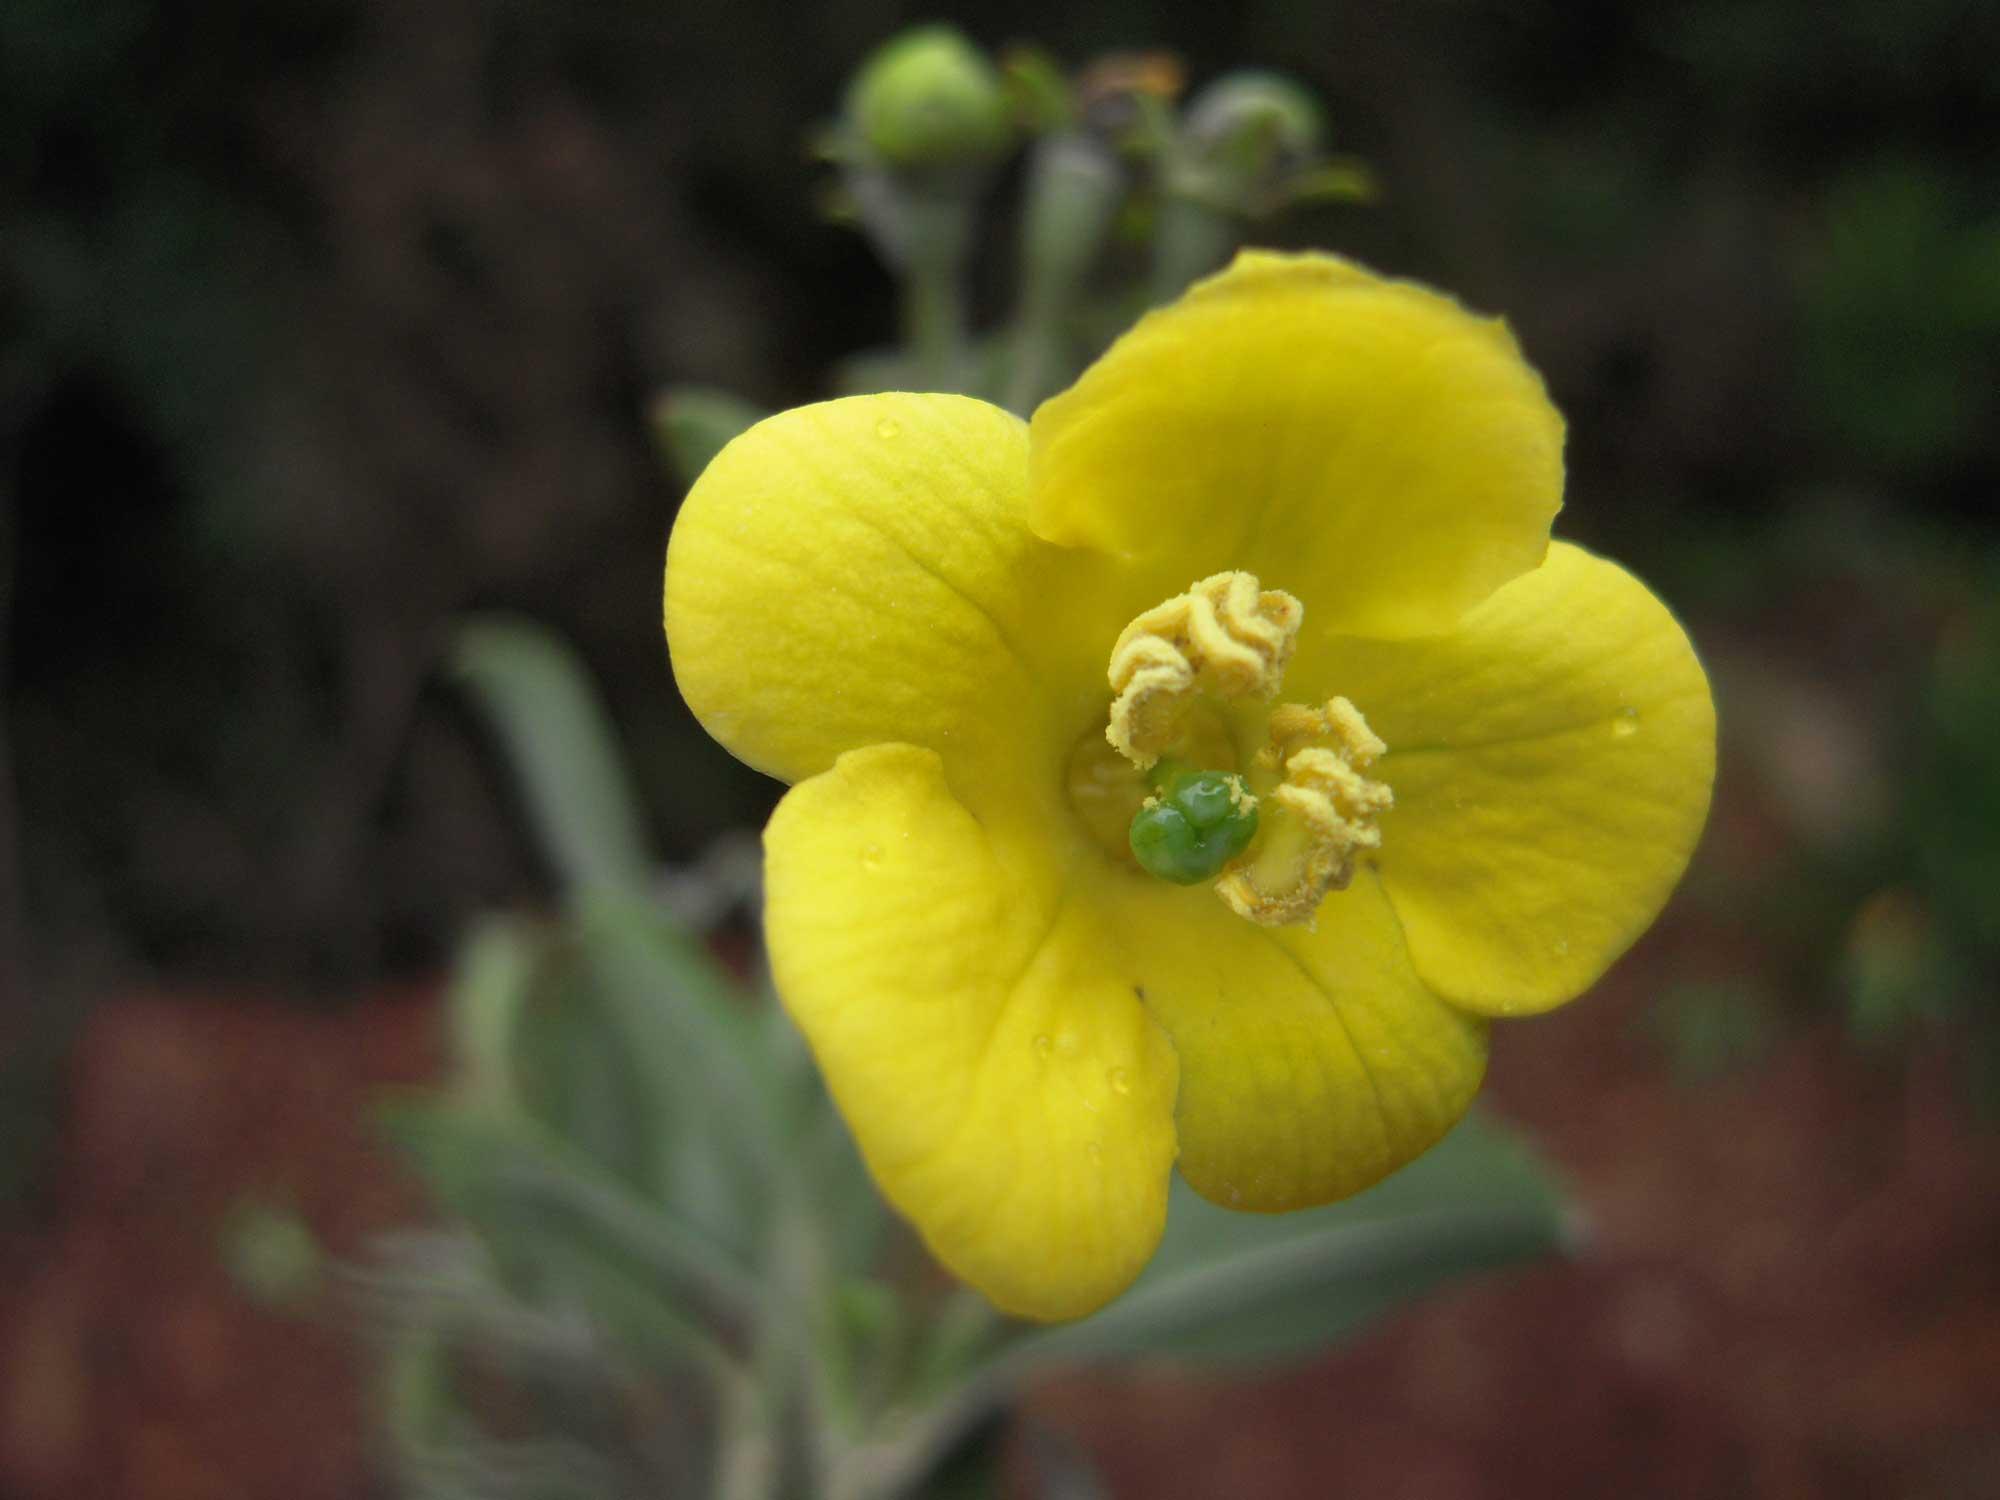 Columellia oblonga, uma planta florida da família Columelliaceae, que é endêmica das Américas. Crédito de imagem: C. Ulloa